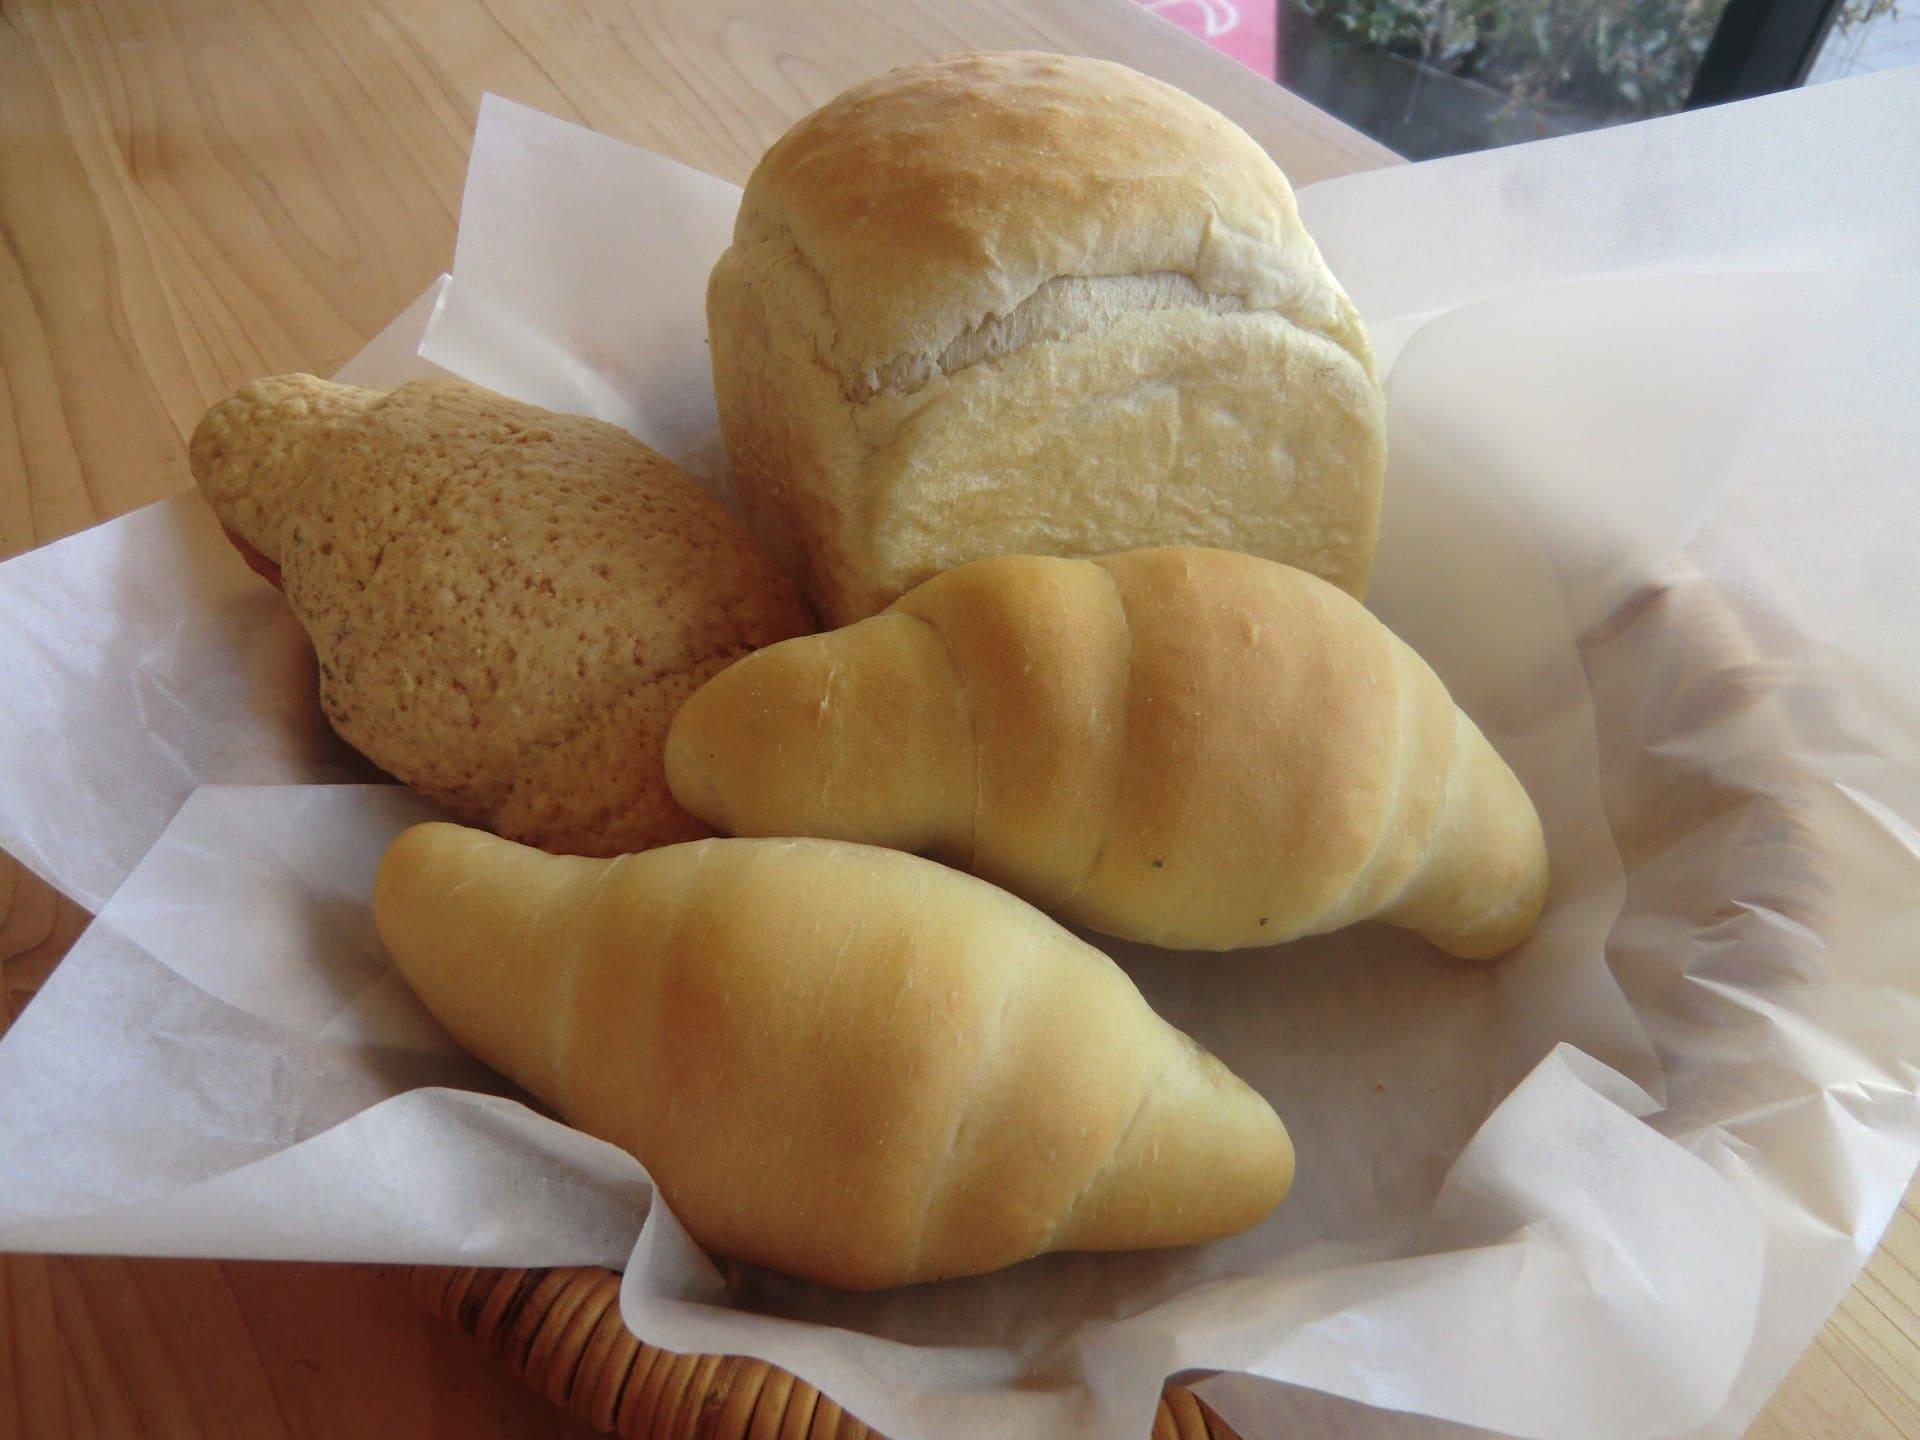 旬楽膳 日進店 6月20日(水)『塩食パン・塩ロールパン』絶妙な塩気とバターの風味がクセになります。のイメージその1